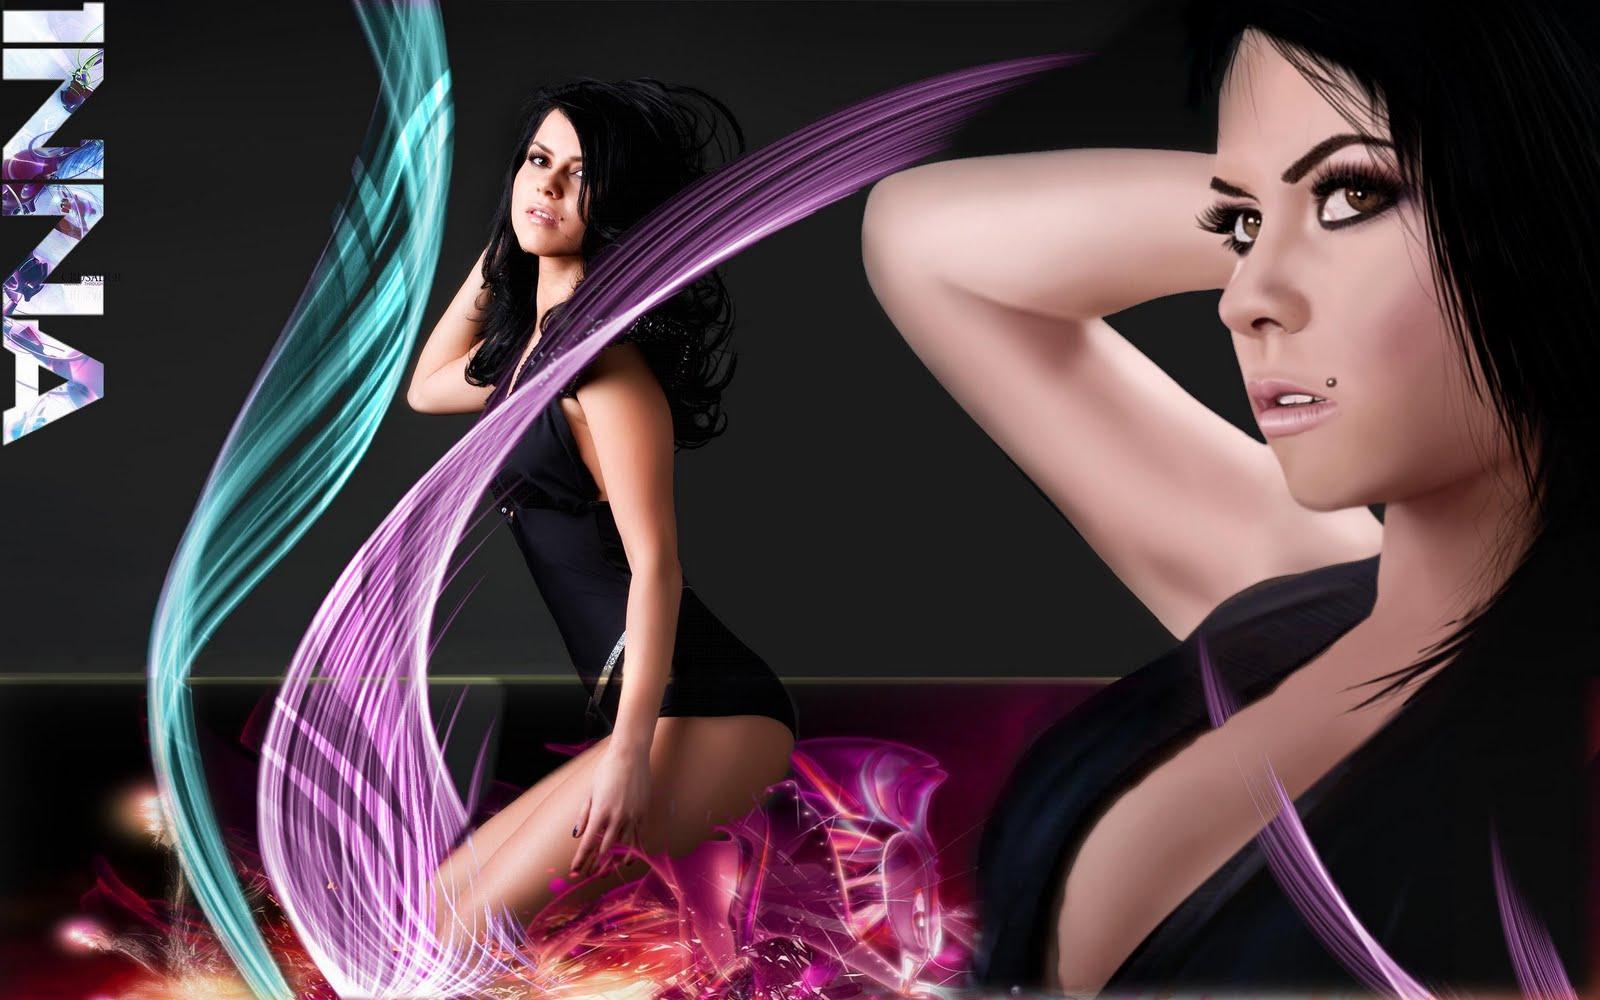 http://3.bp.blogspot.com/-j2VPgsCdEgk/TxEPAad_0LI/AAAAAAAAHBw/WChWM596klc/s1600/inna-inna-inna_2011_by_dami76-d38ik9j.jpg